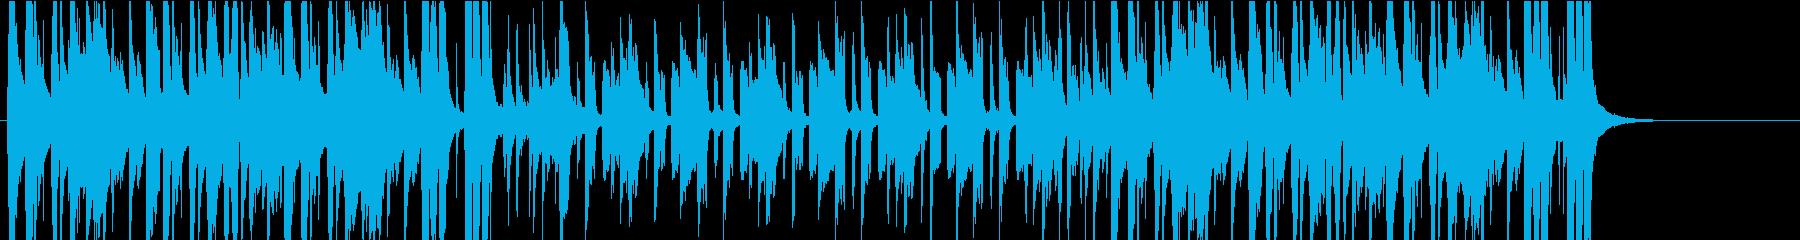 サルサ、またはラテンのんの再生済みの波形